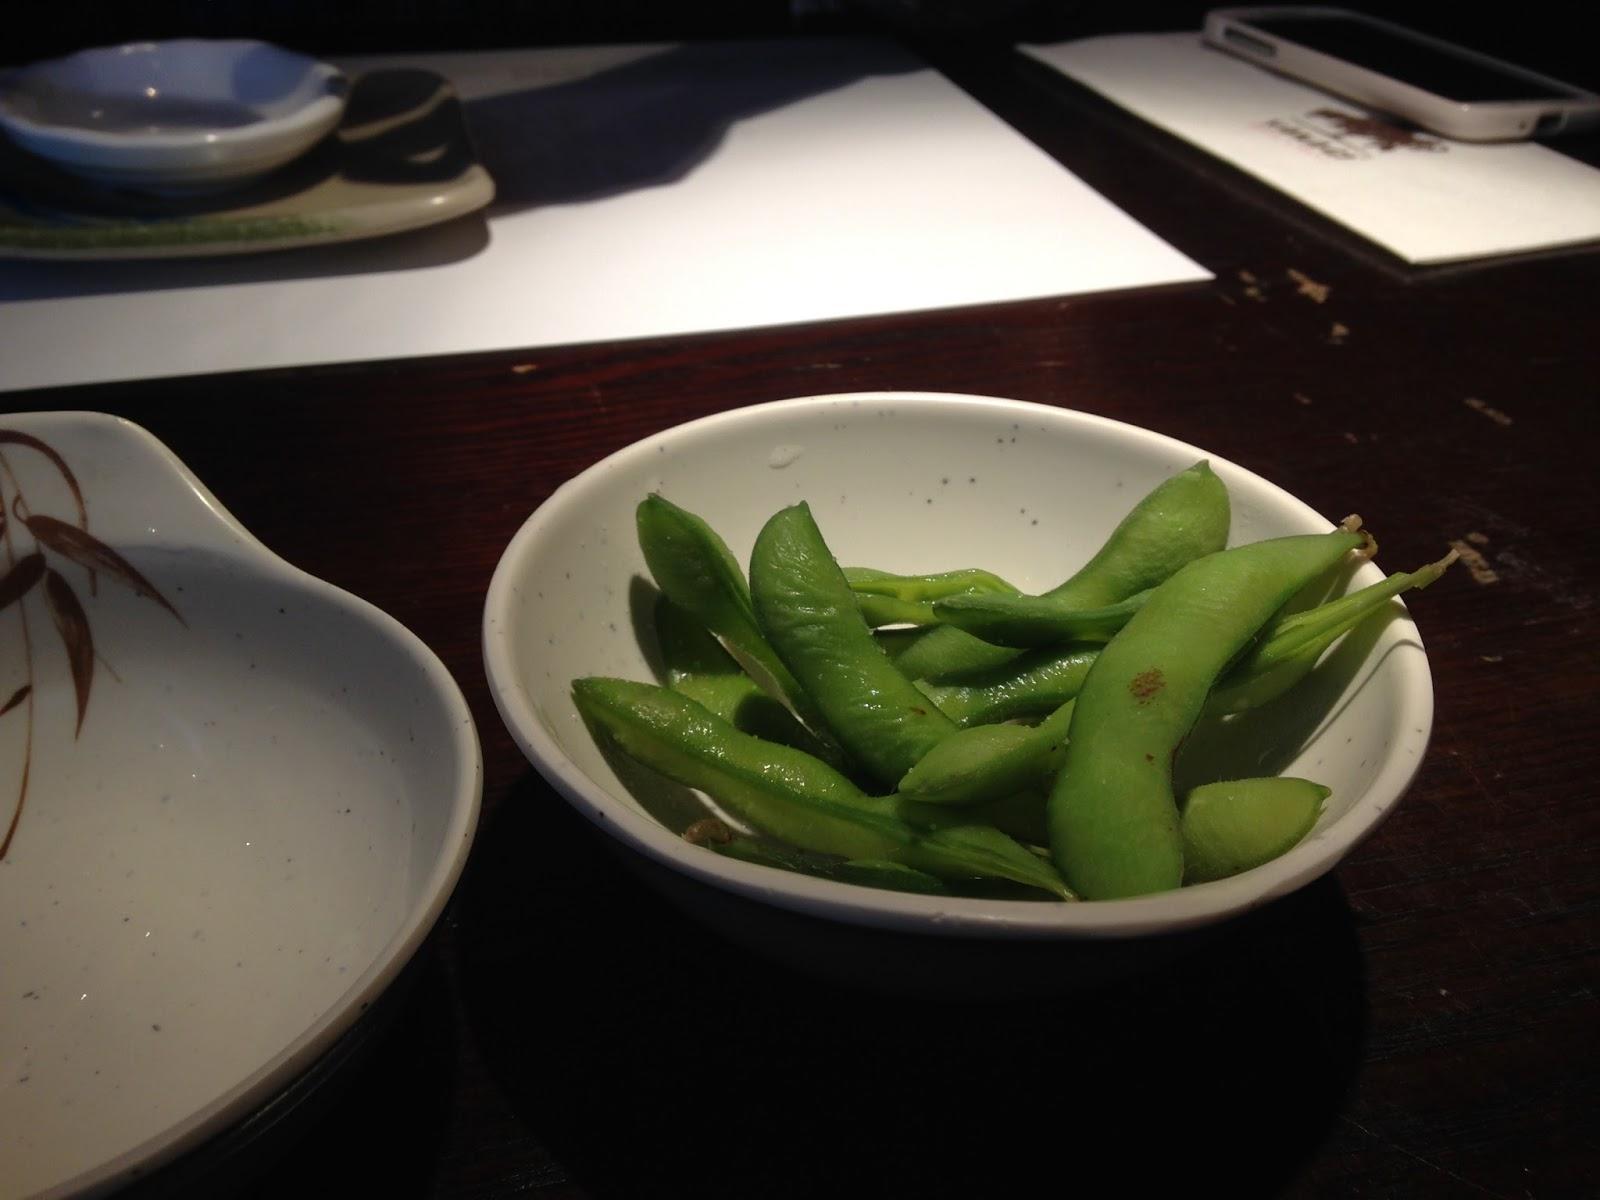 edamame beans costco - photo #16